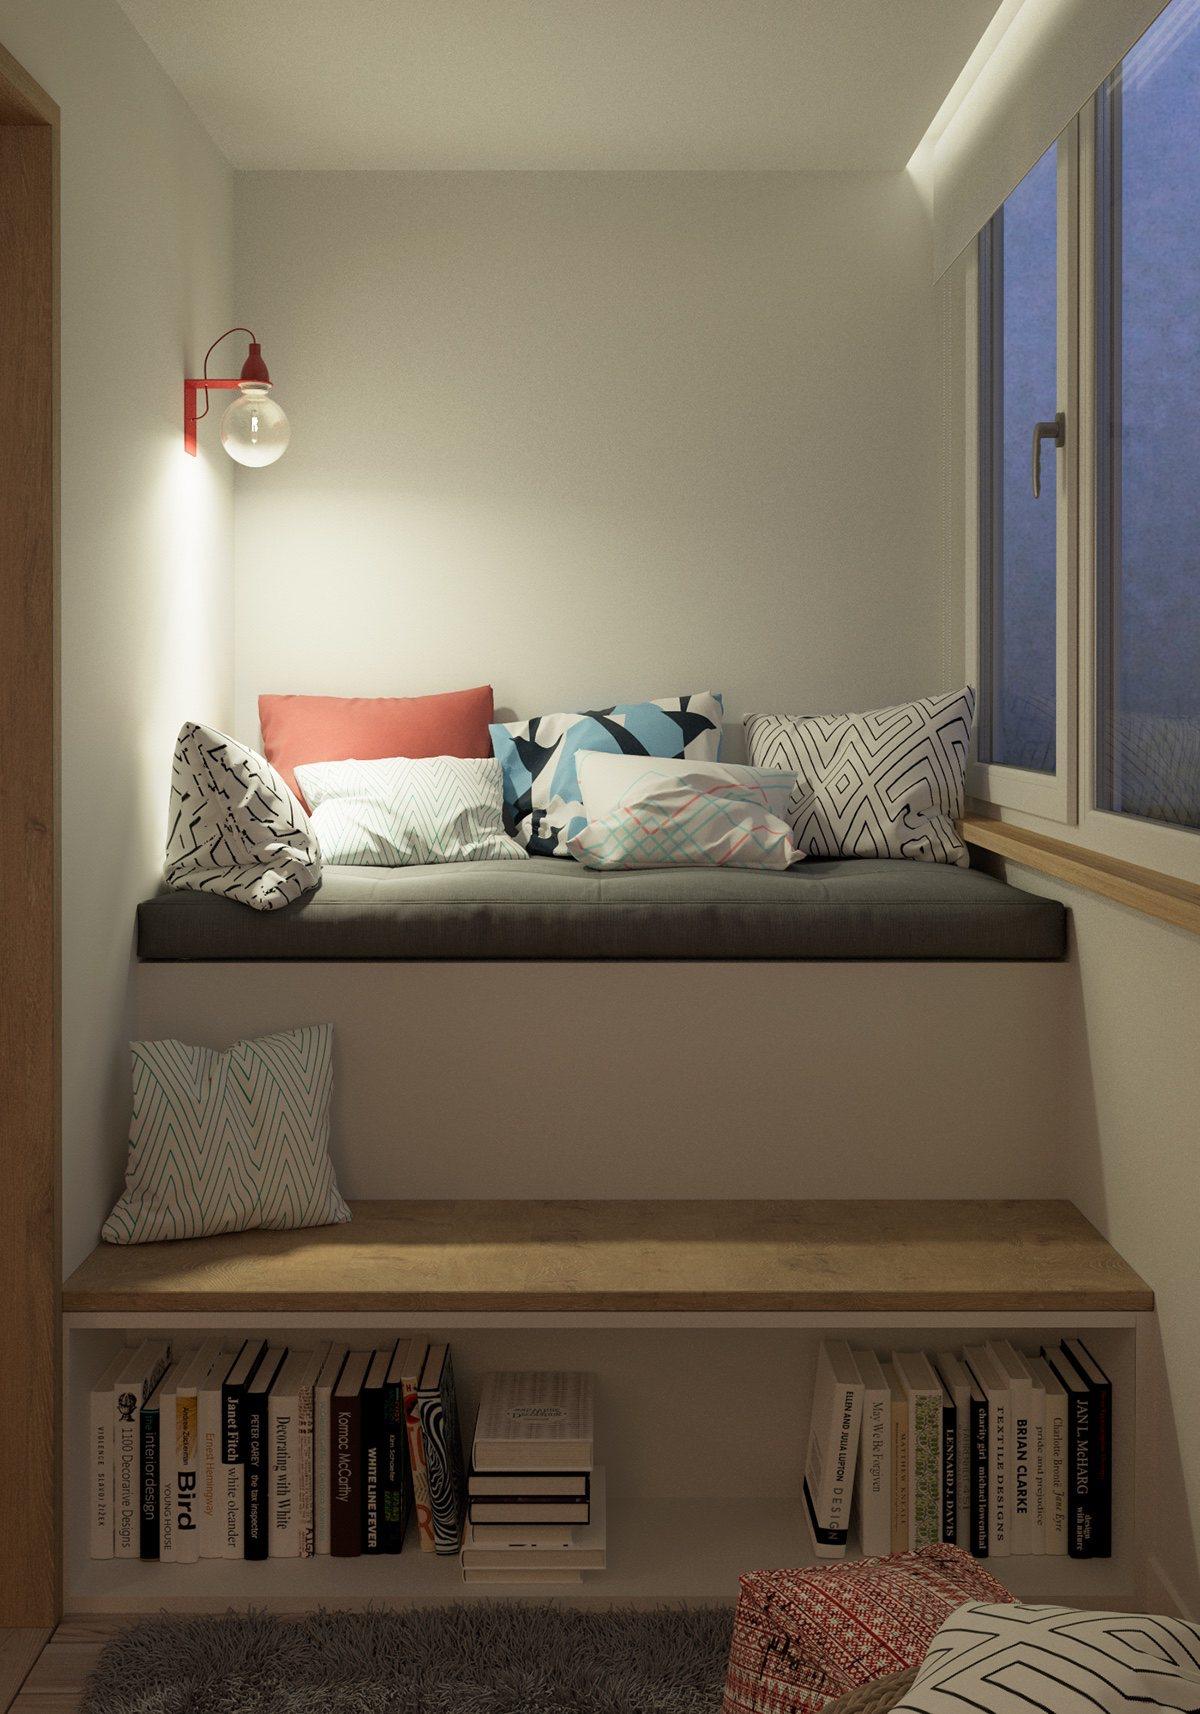 Thích mê 3 căn hộ hiện đại với diện tích khiêm tốn dưới 50m2 - Ảnh 25.